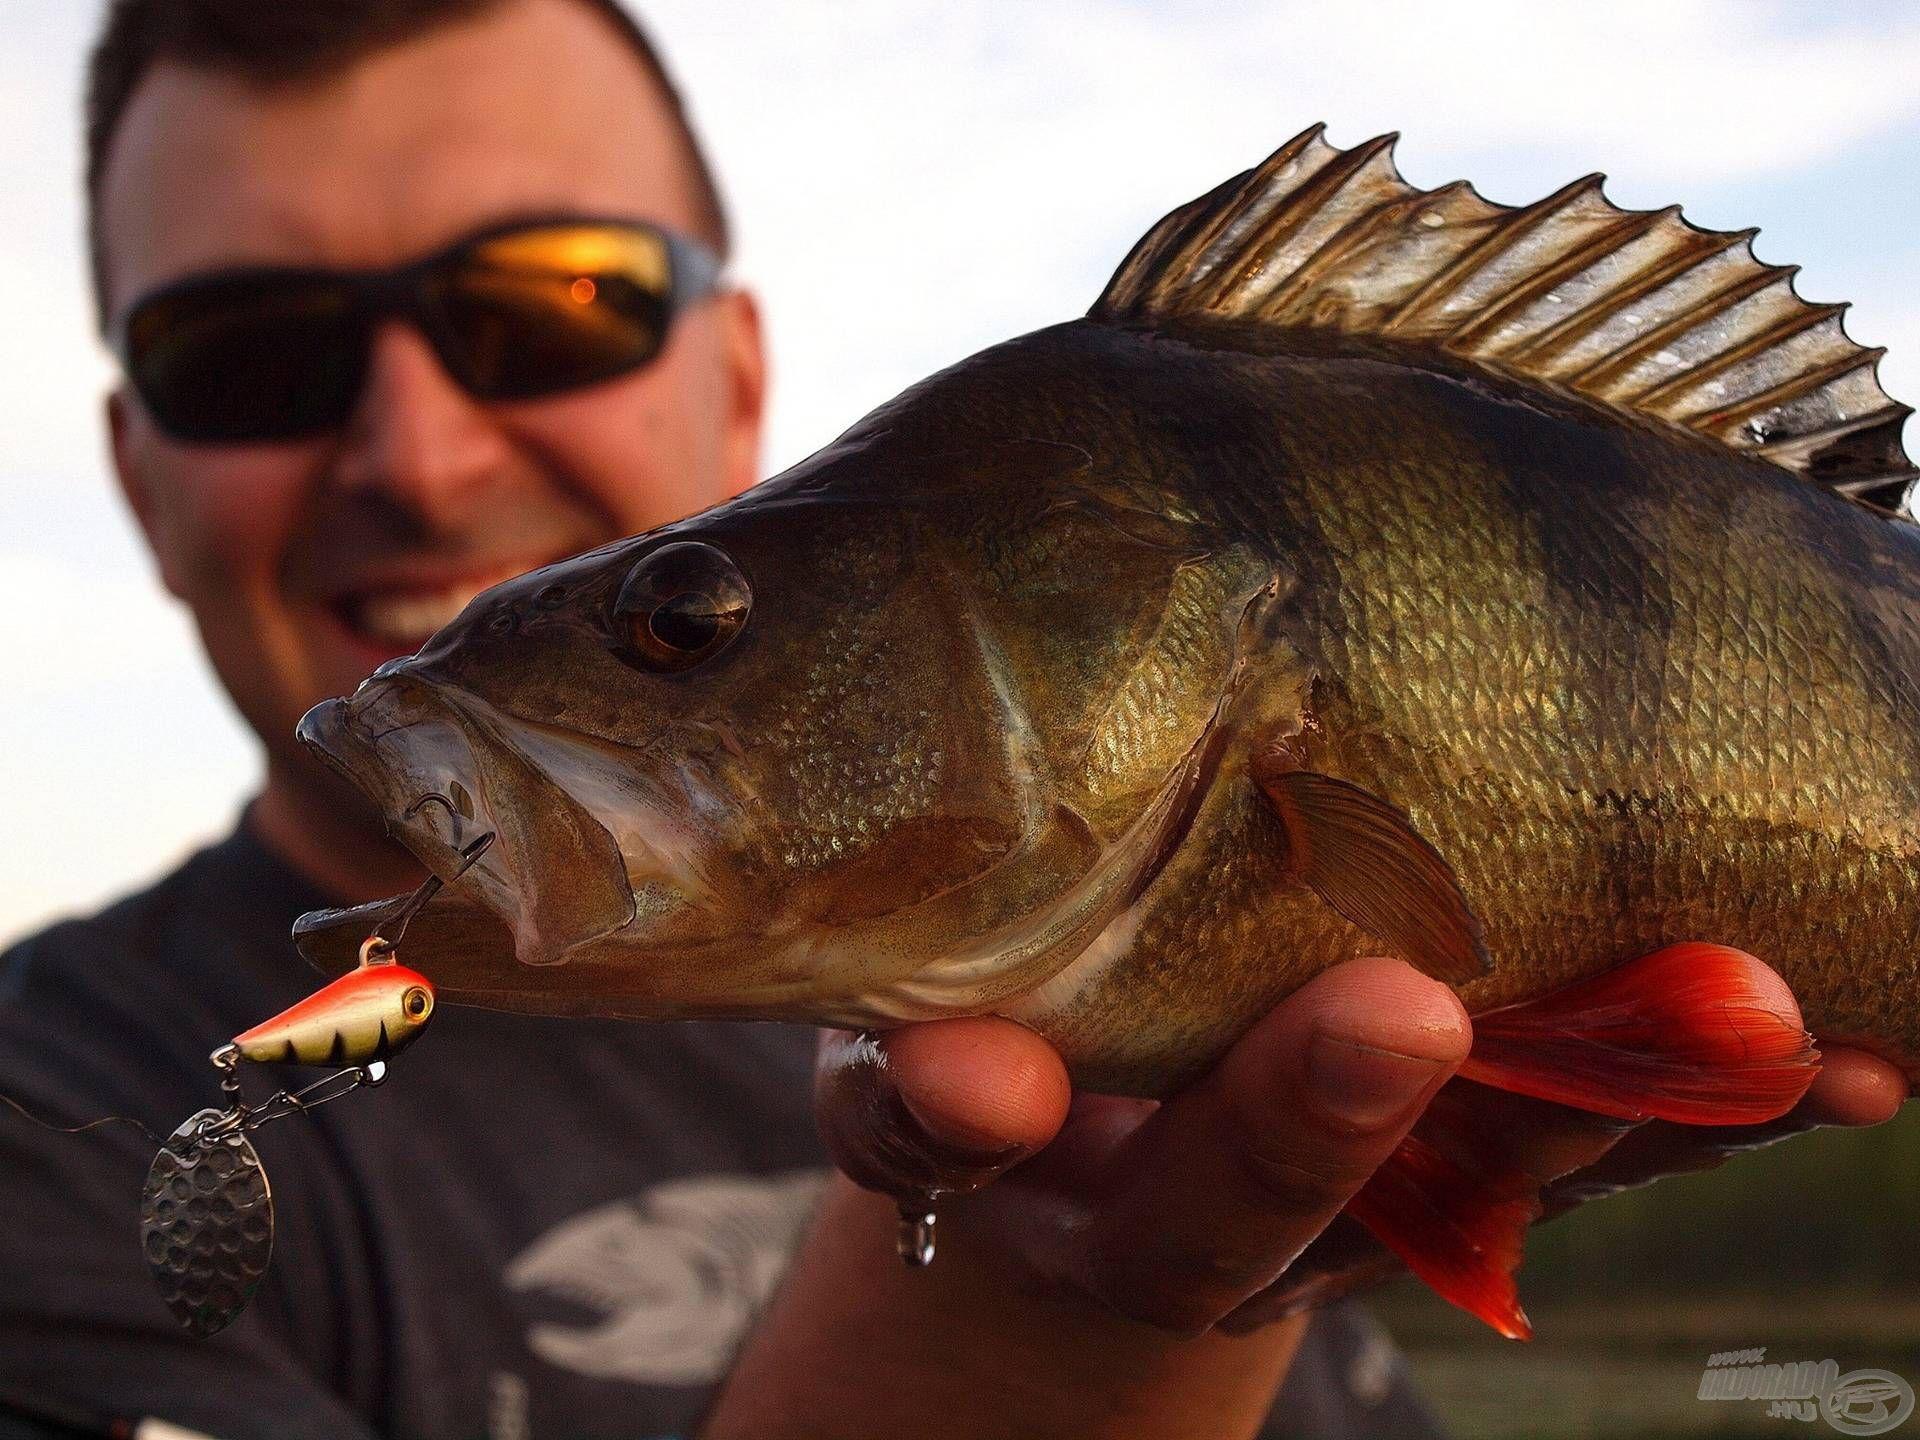 Élénk mozgásának az öreg, tapasztalt halak sem tudnak ellenállni